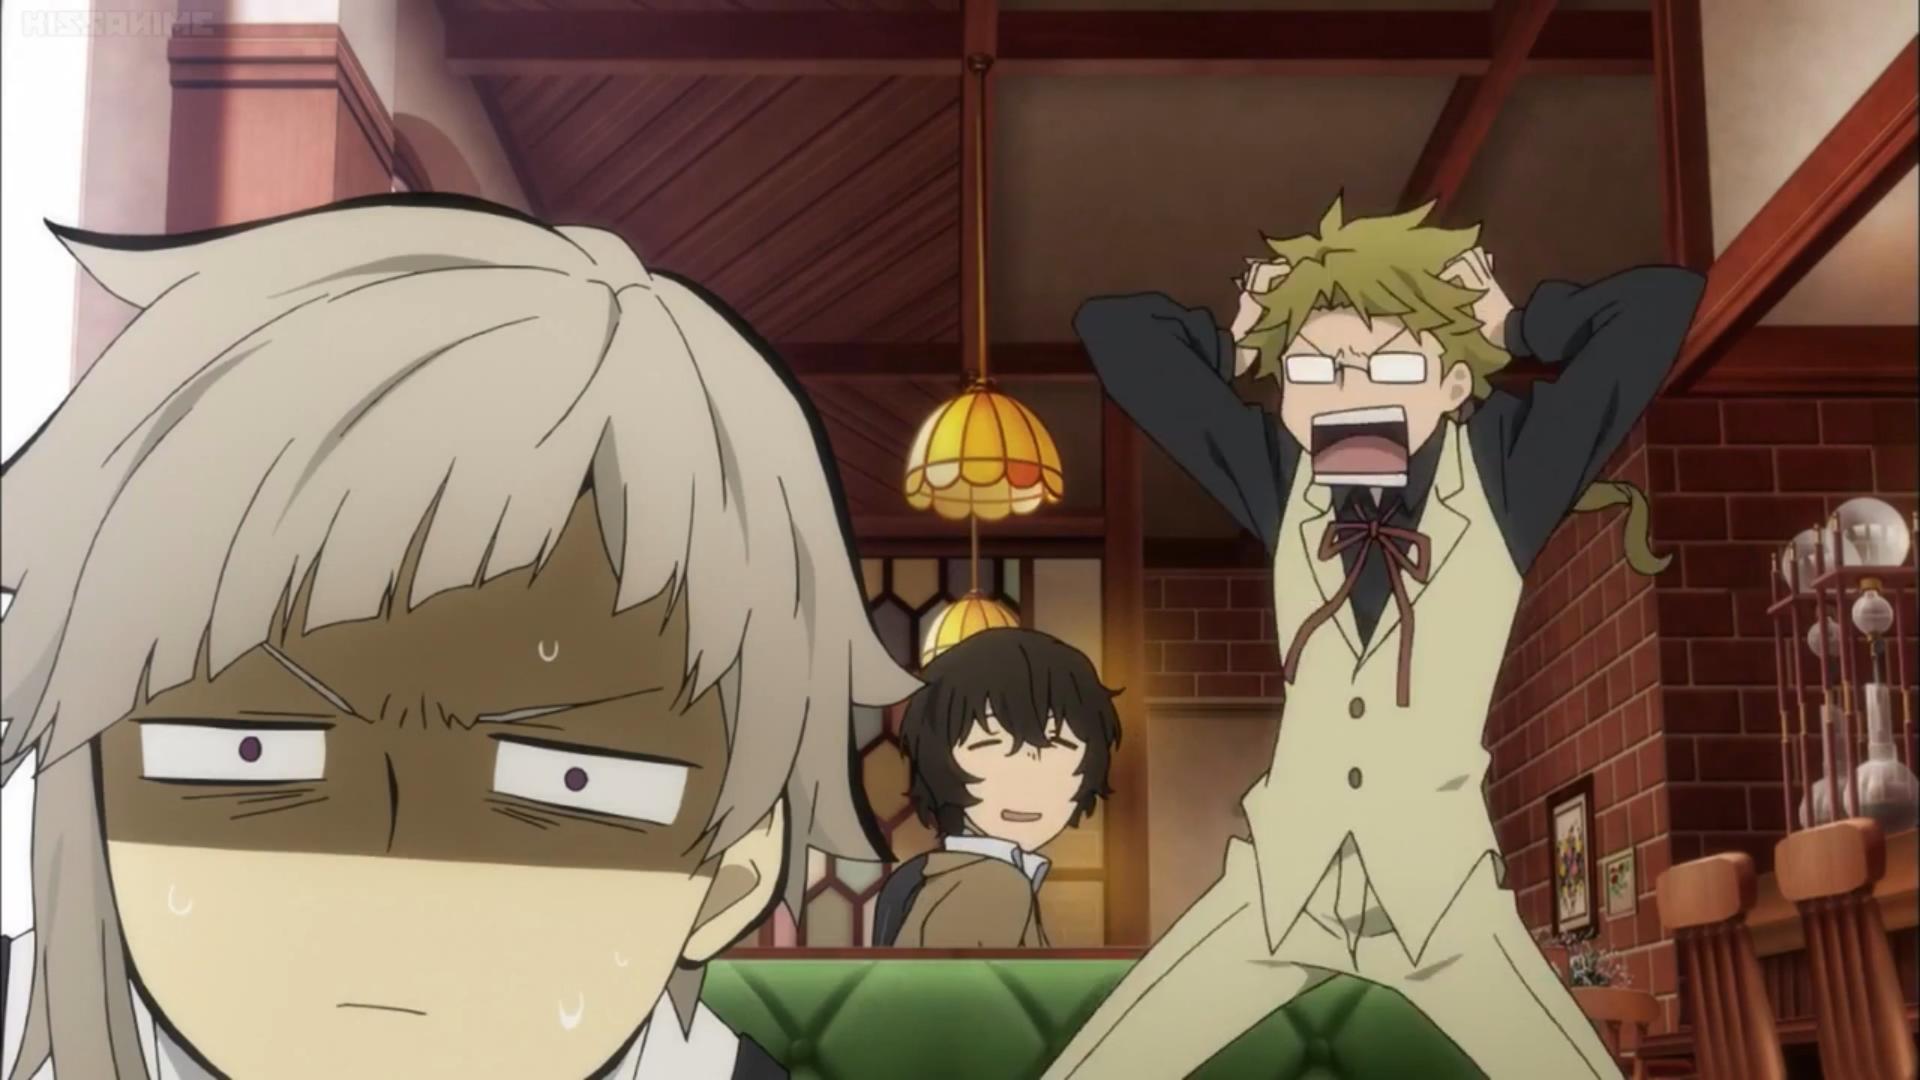 Прикольные, смешные картинки с аниме великий из бродячих псов